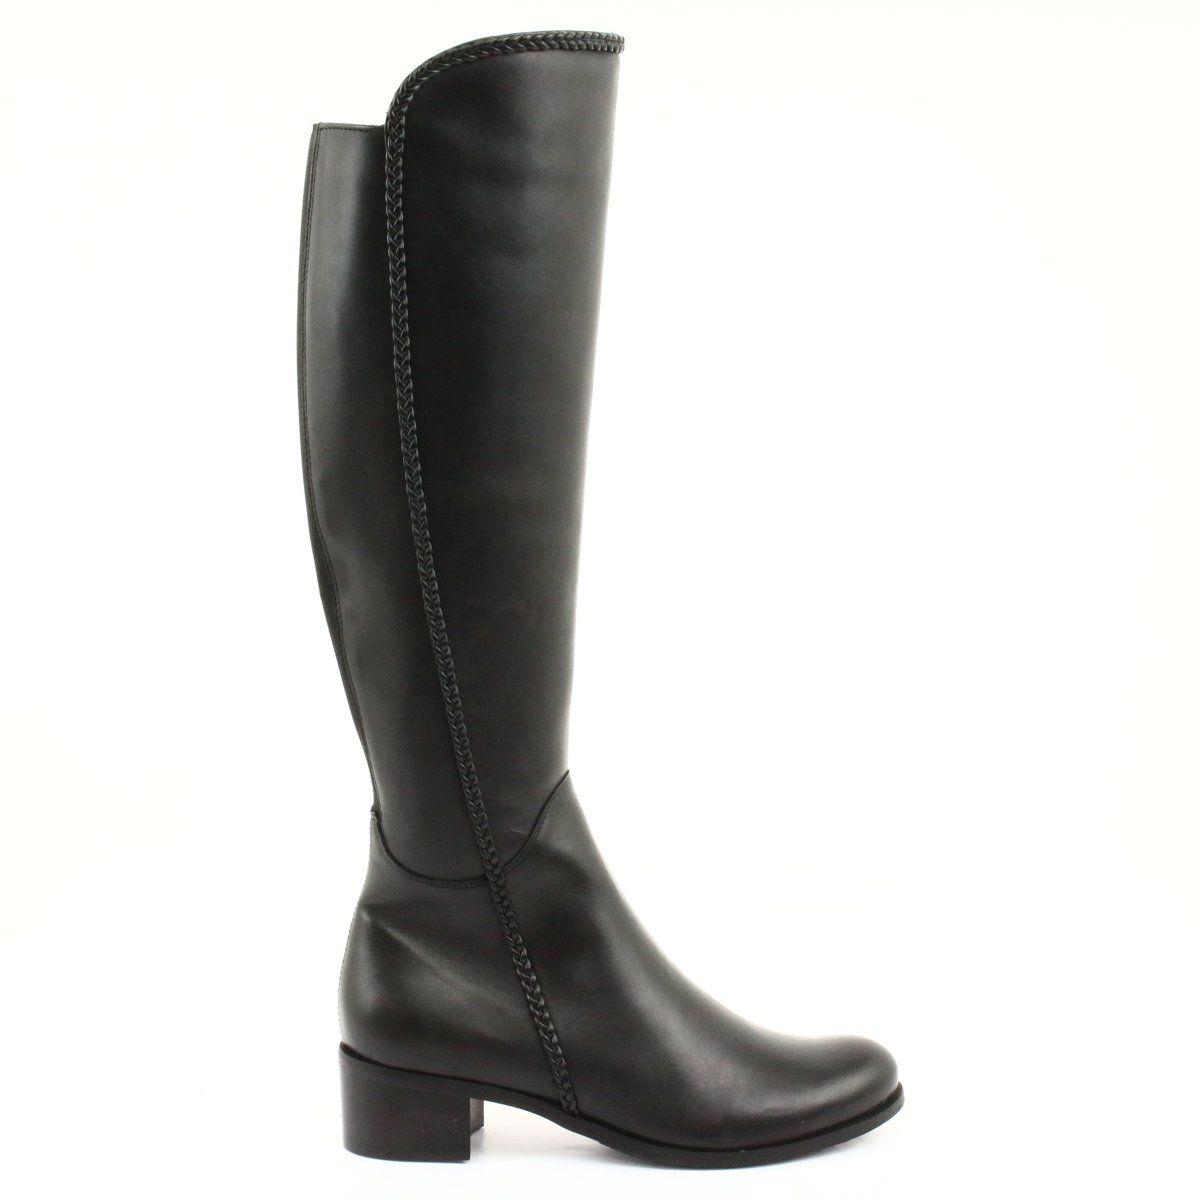 Dlugie Kozaki Z Warkoczem Espinto 194 Darex Czarne Boots Long Boots Womens Boots